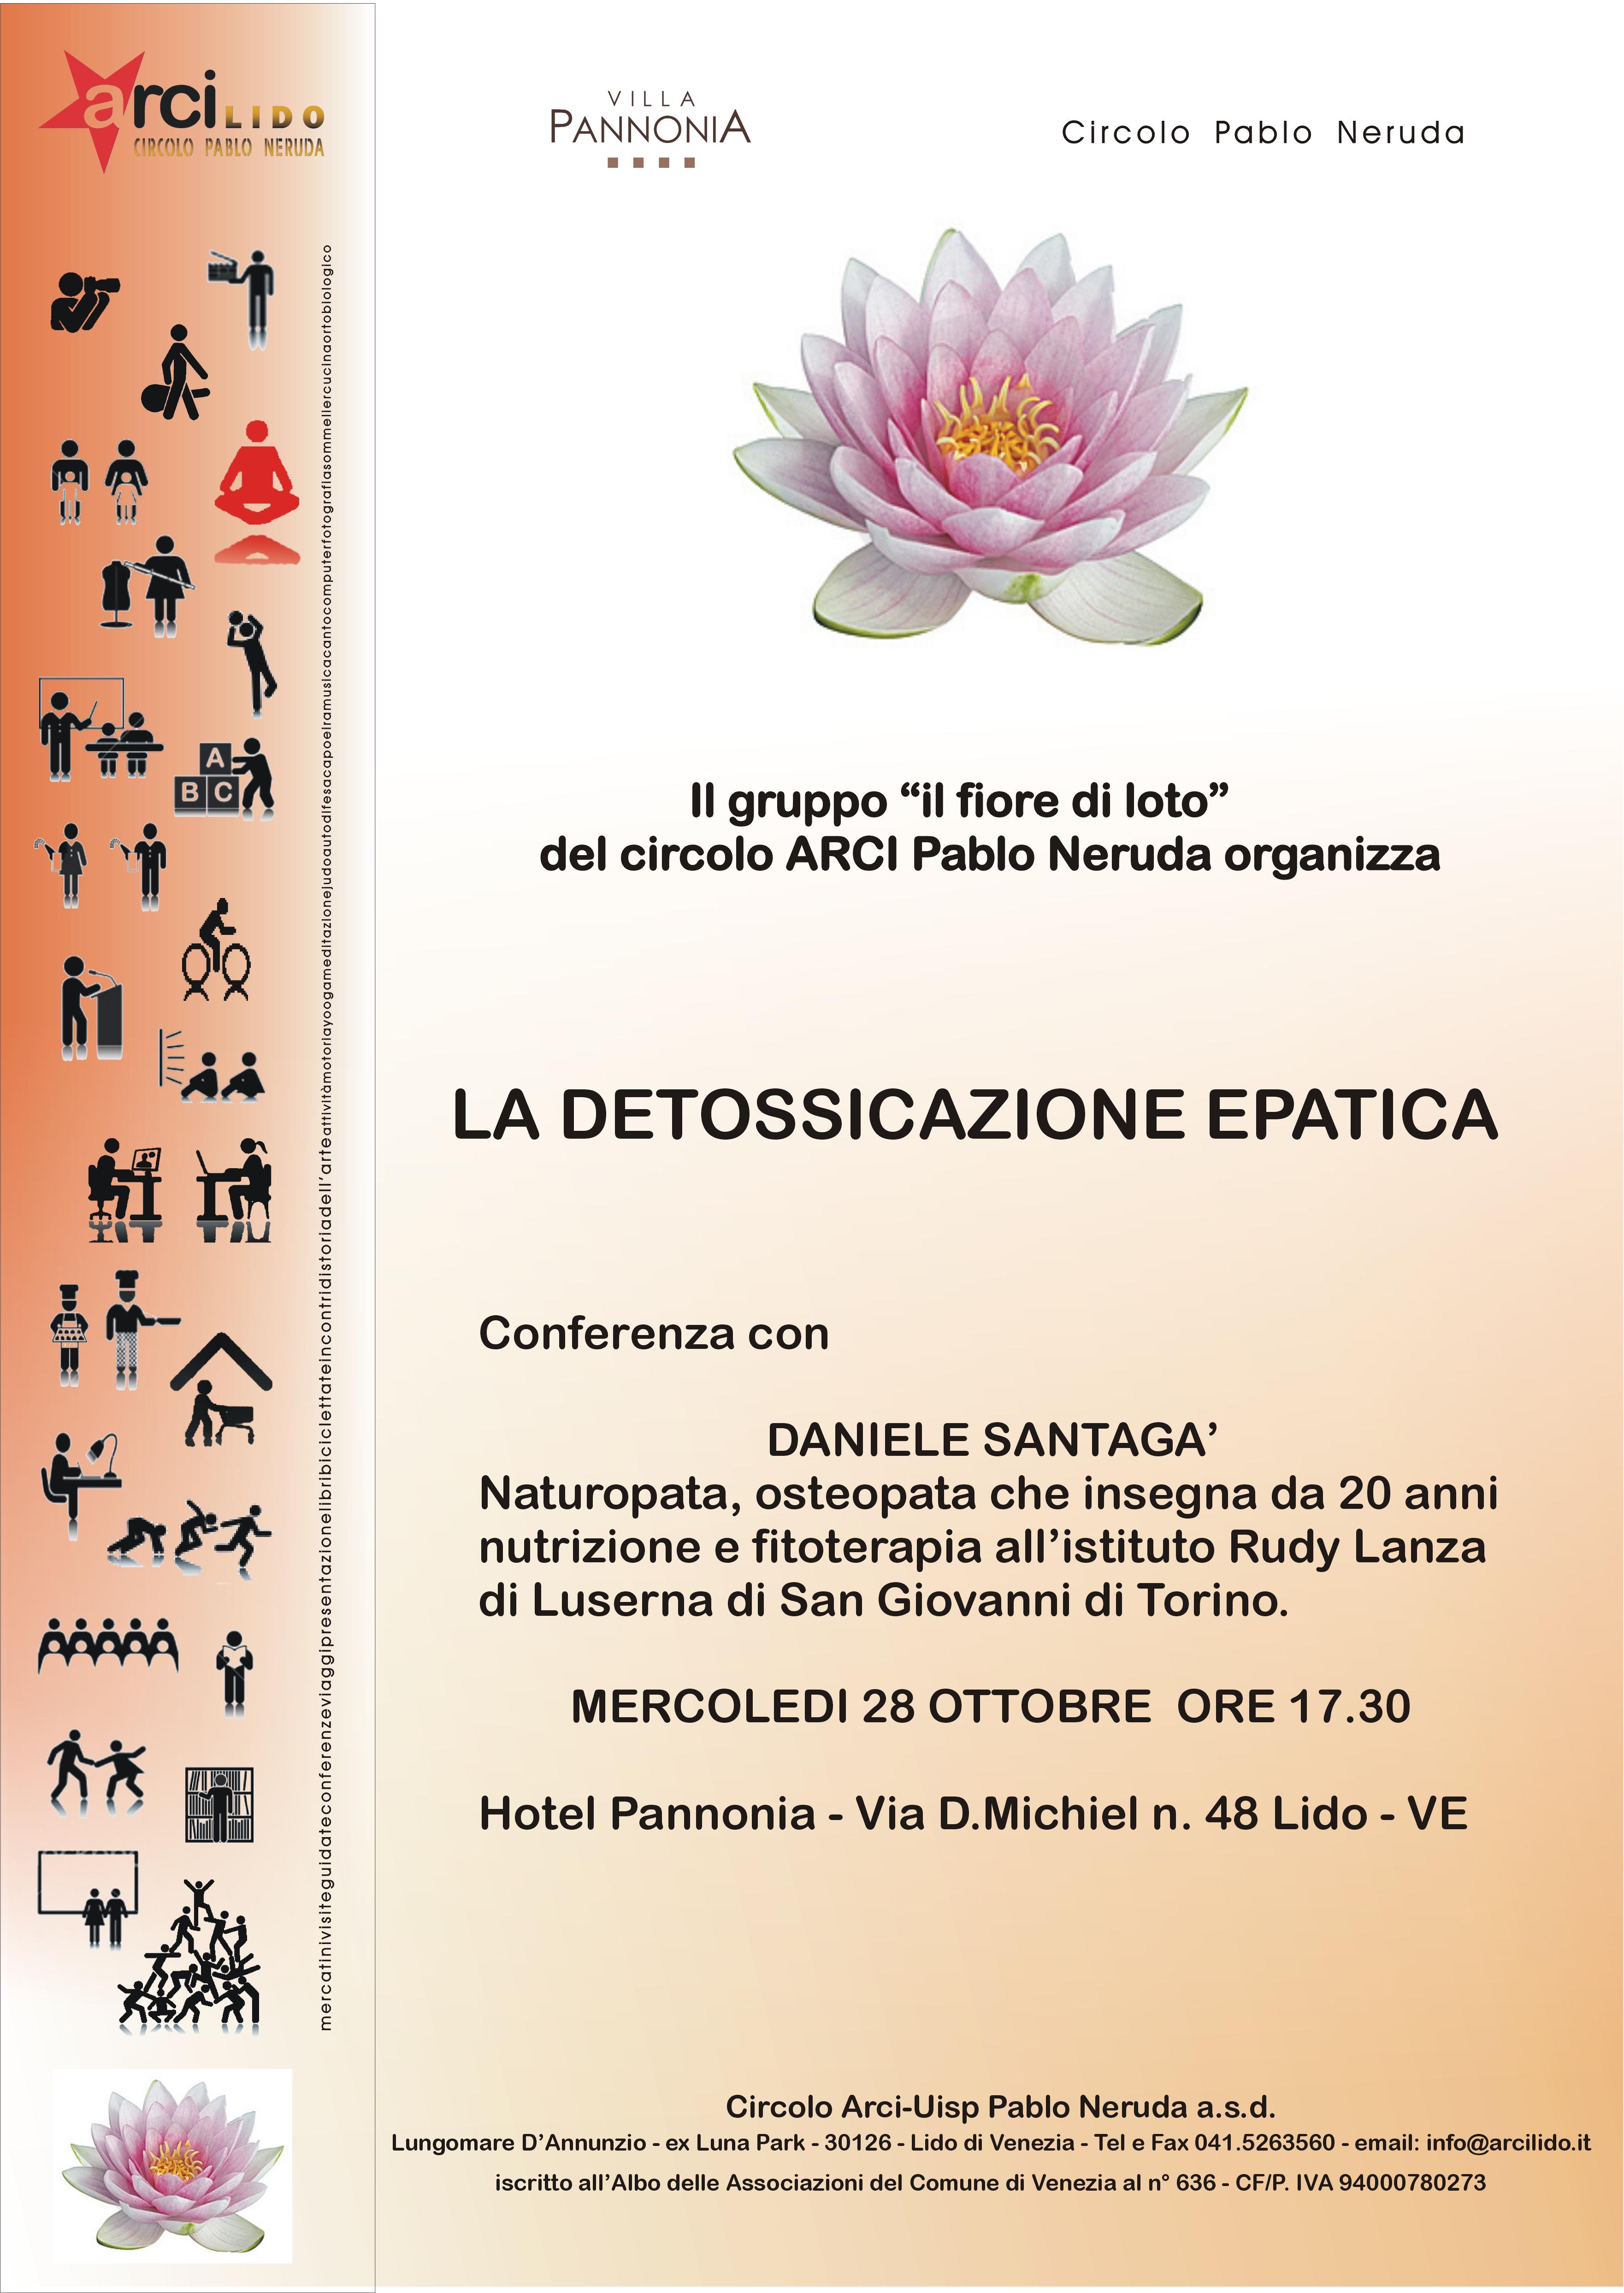 Conferenza sulla detossificazione epatica